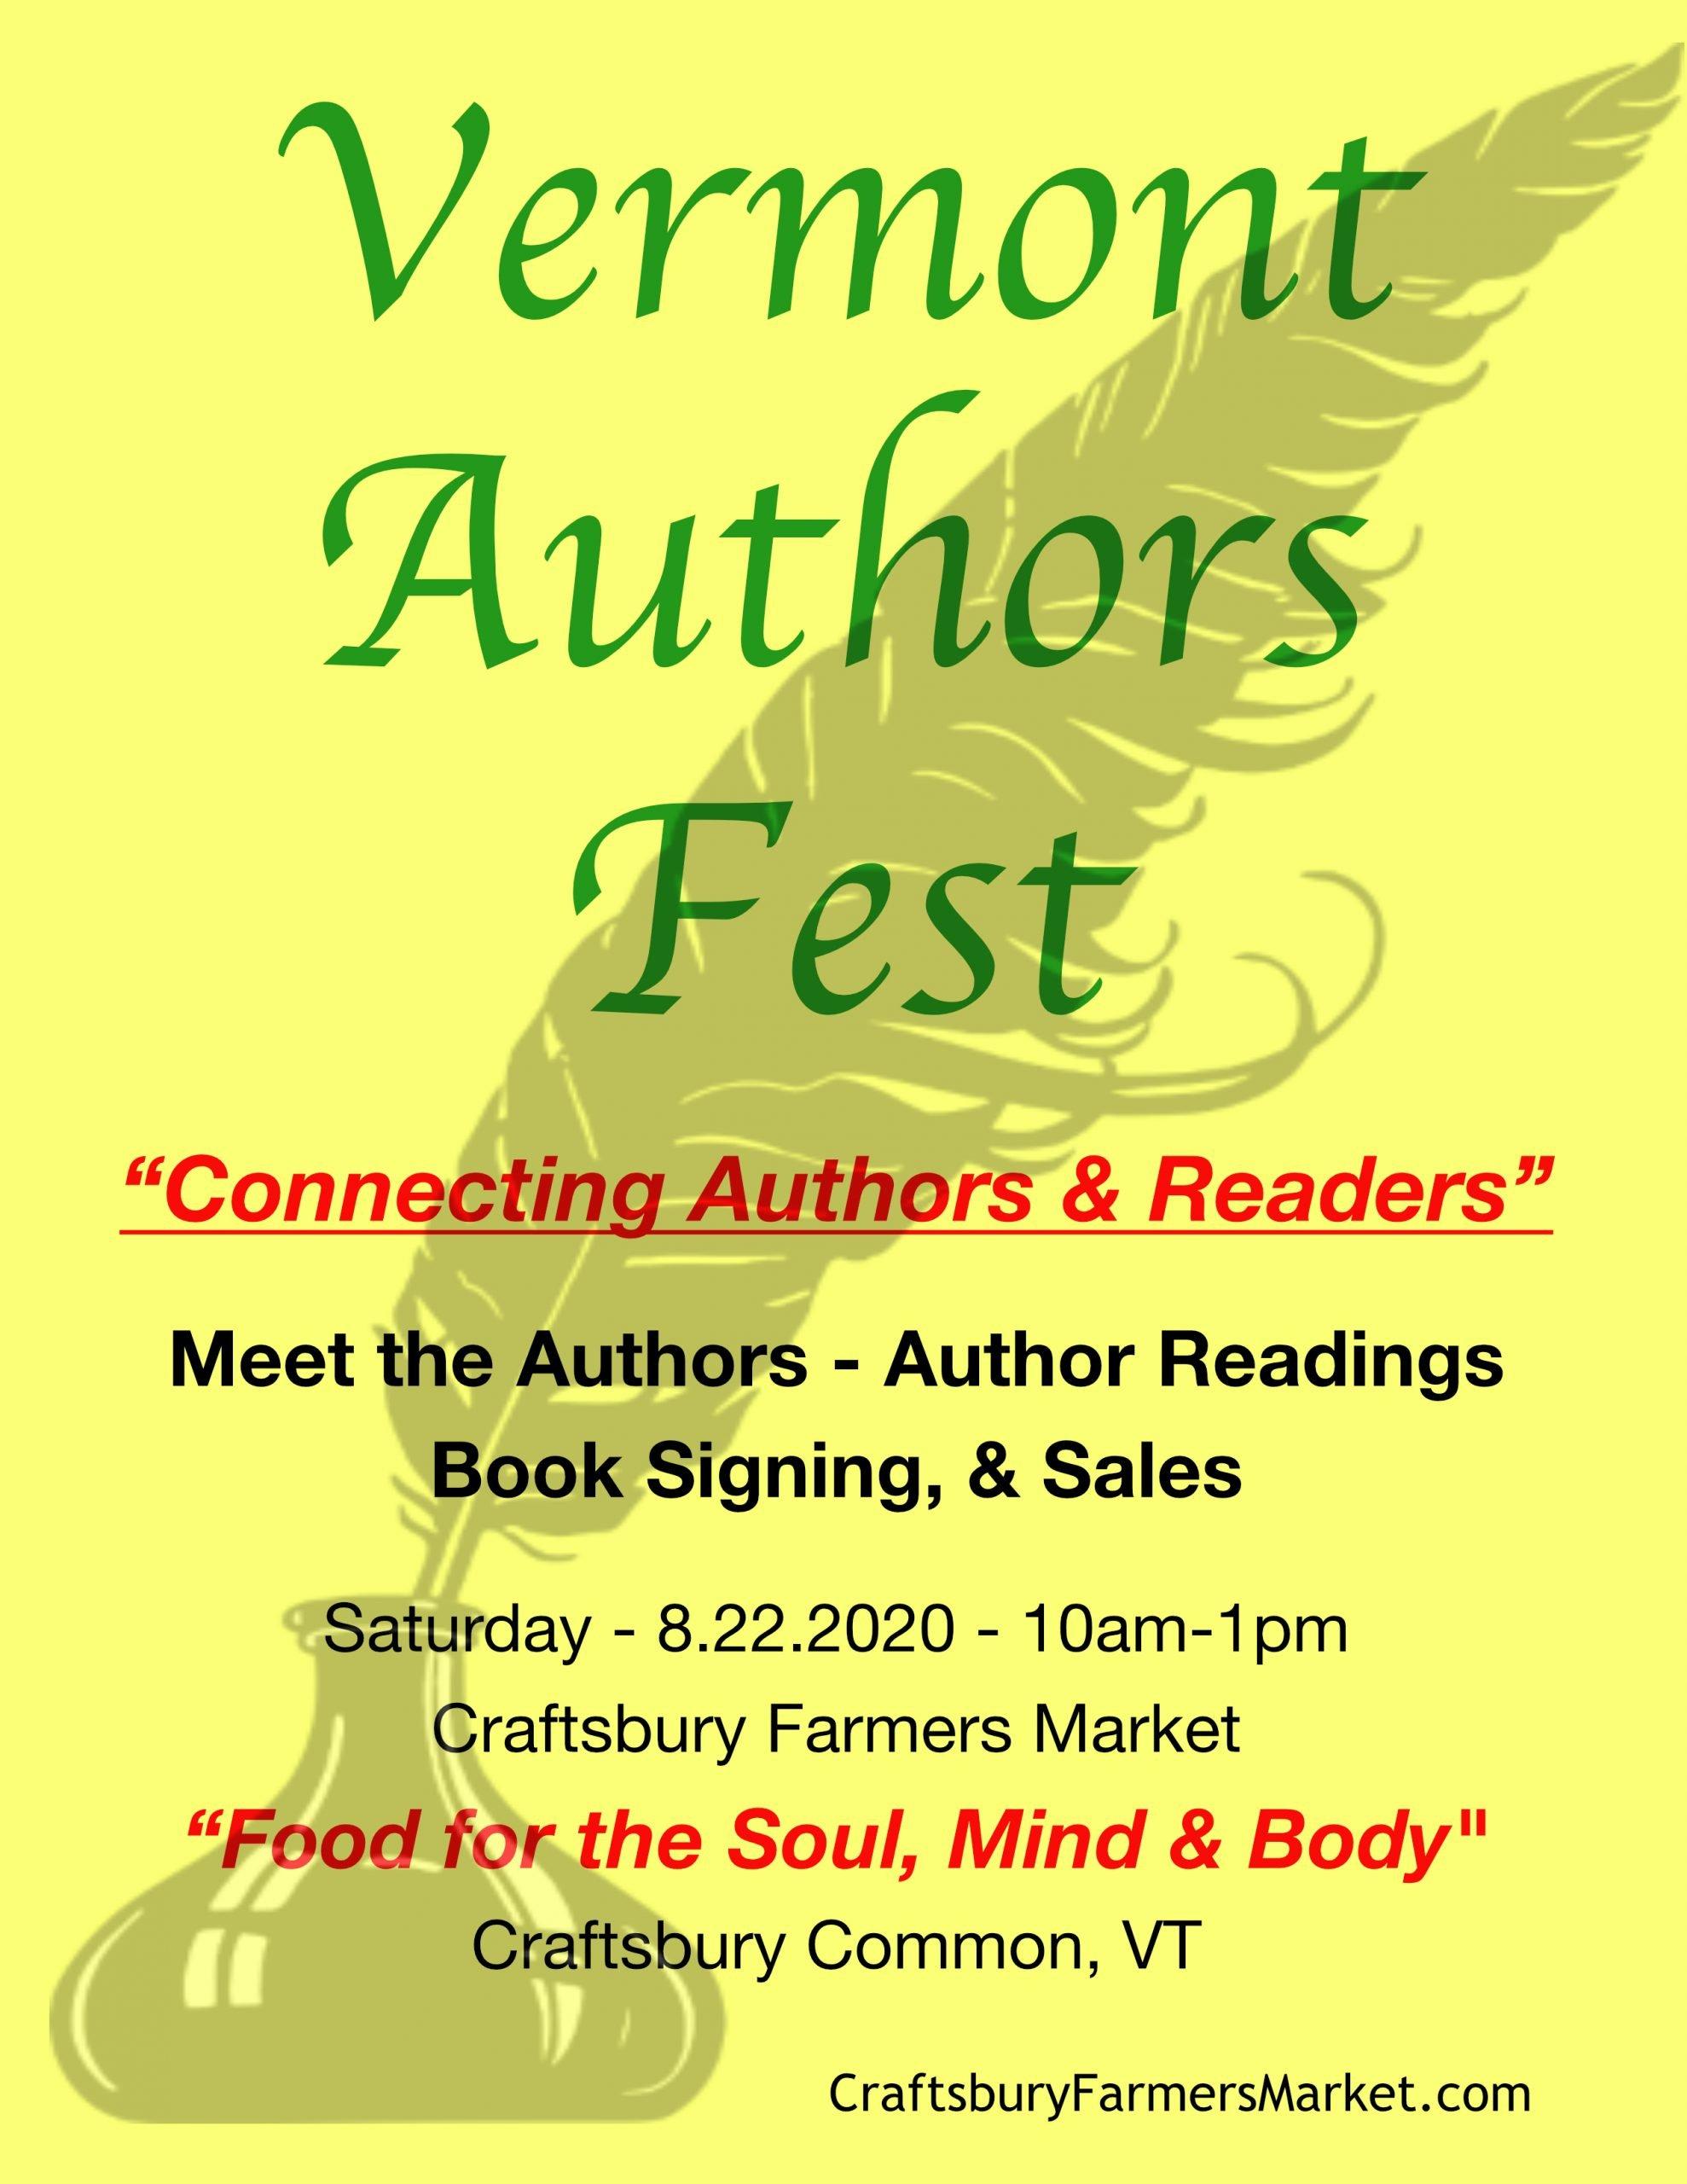 Vermont Authors Fest - 8.22.2020